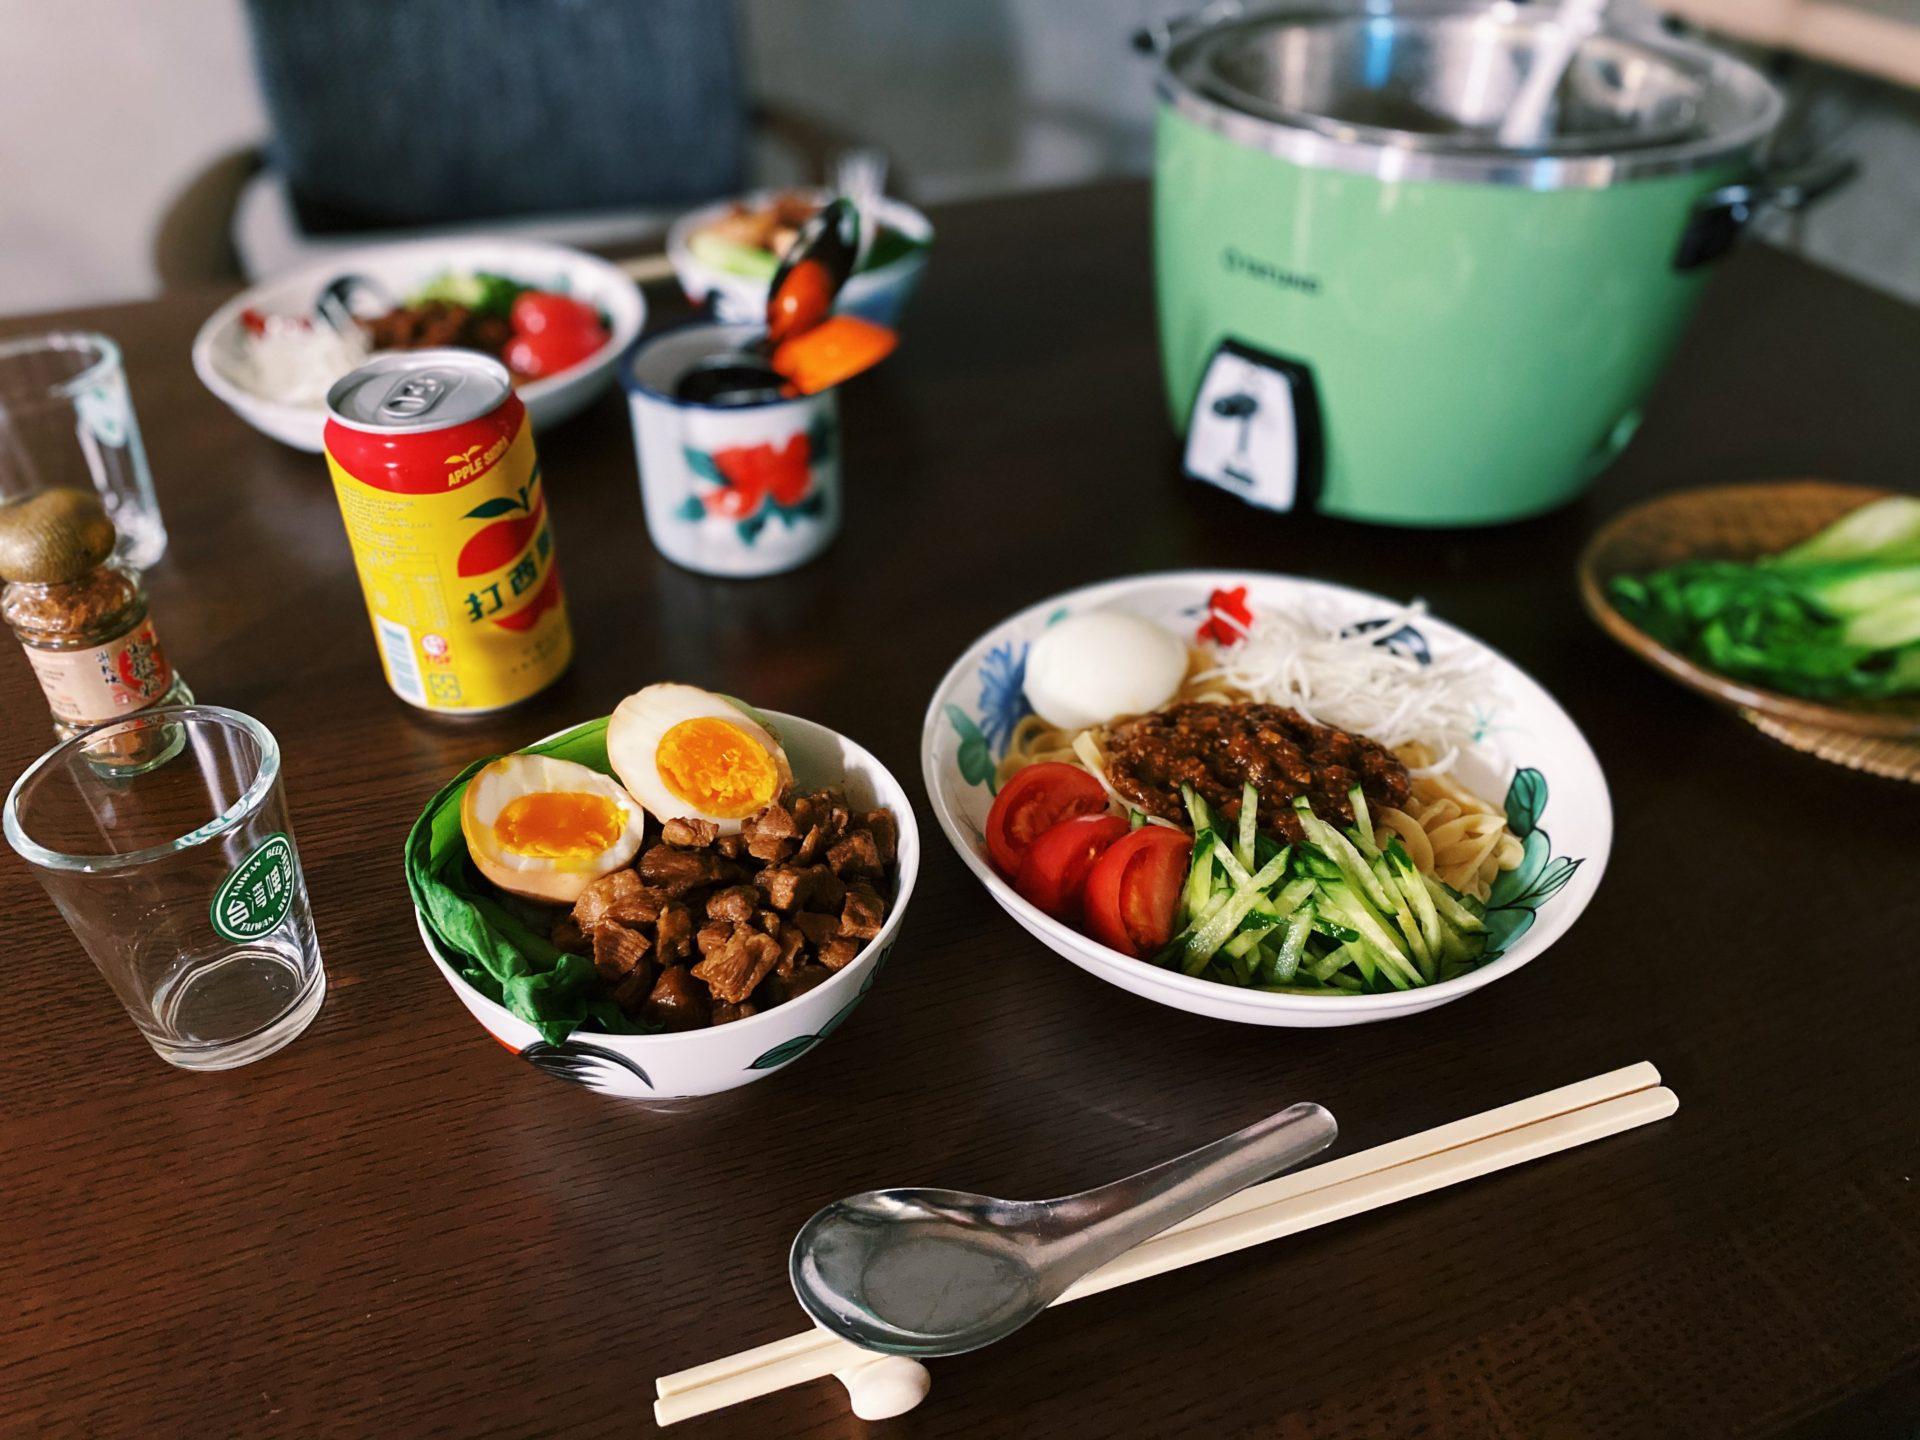 映画パラサイトに出てきたジャージャー麺が食べたくなって。ジャージャー麺+ルーロー飯の 炭水化物祭り